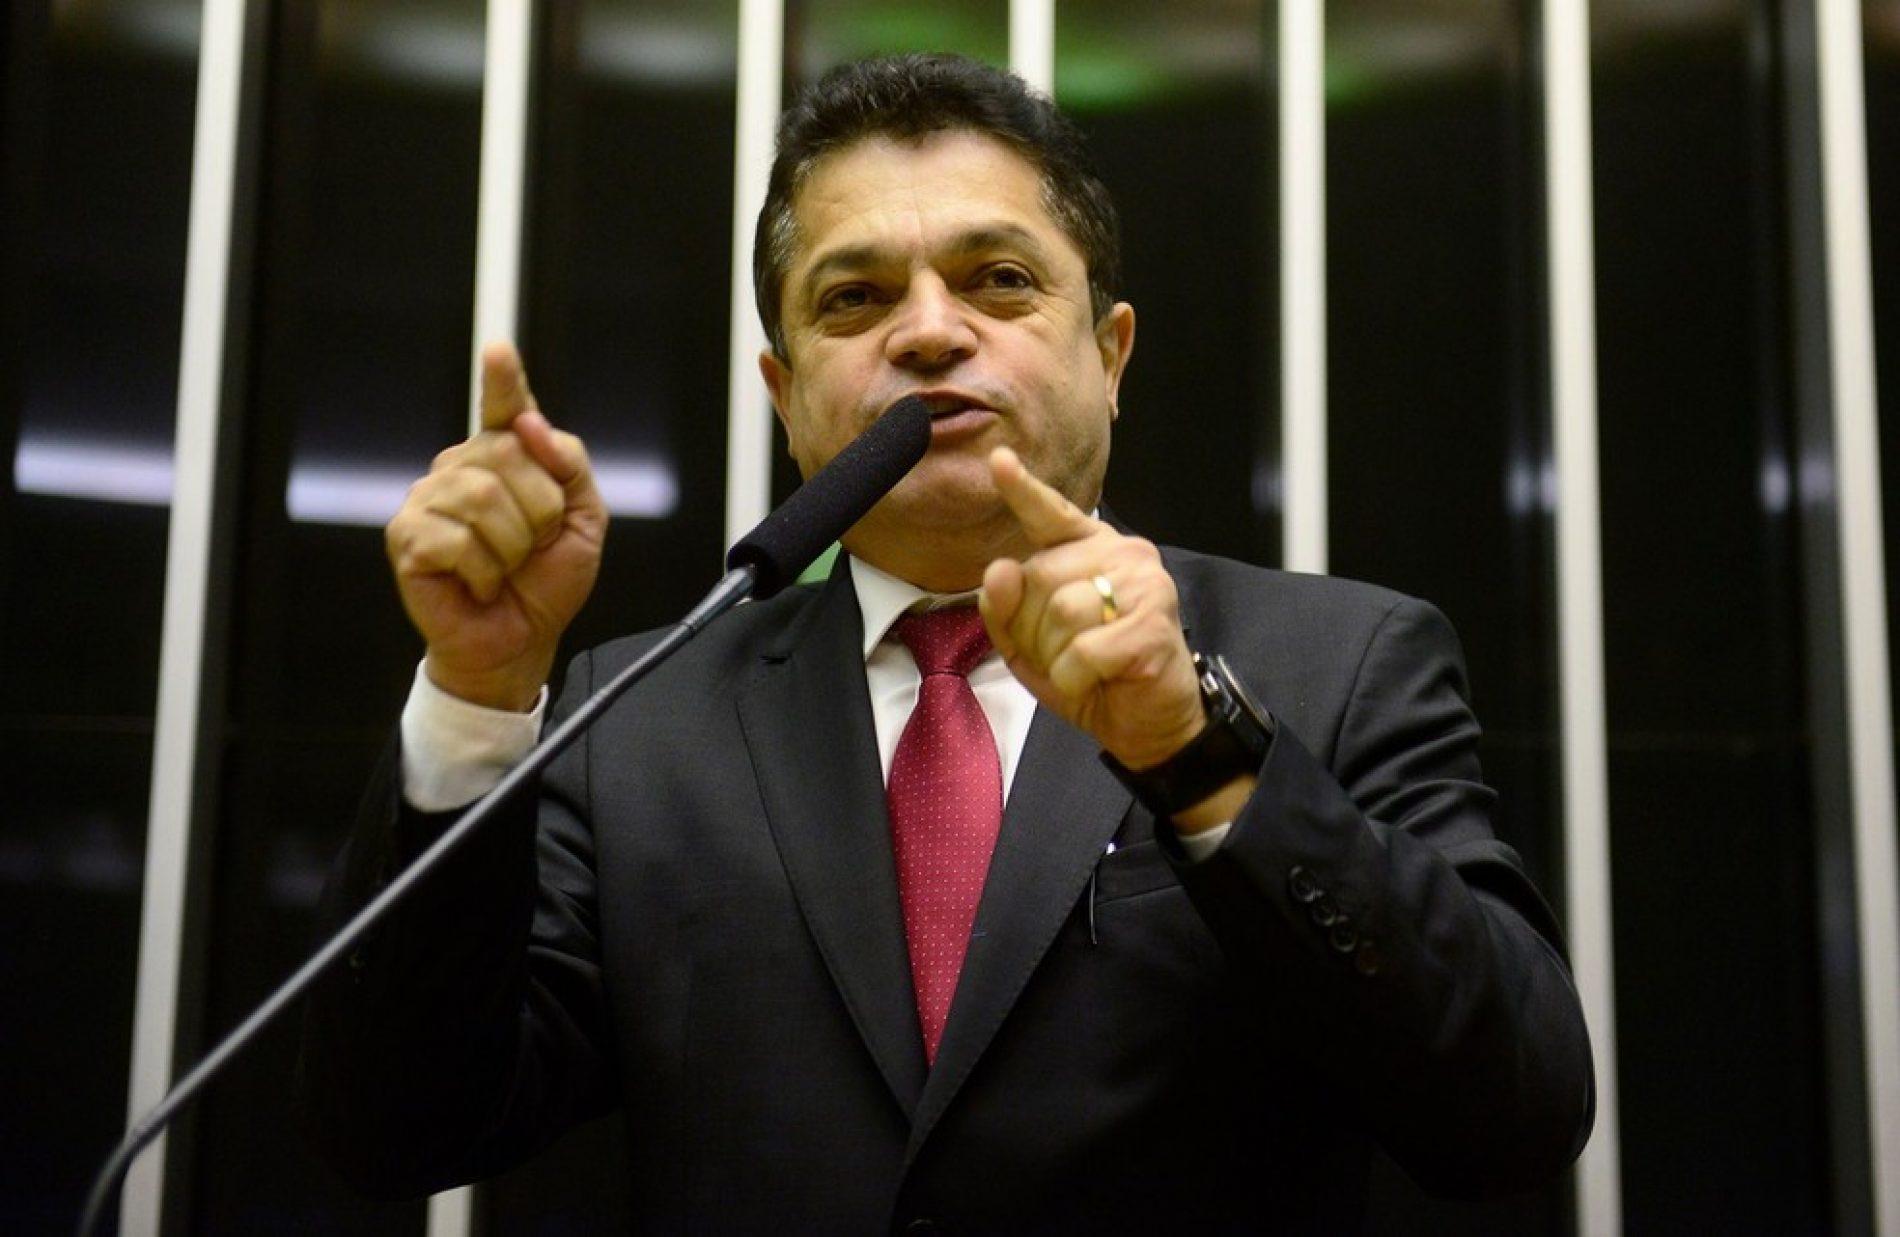 POLÍTICA: Deputado preso integra comissão que prepara novo Código de Processo Penal